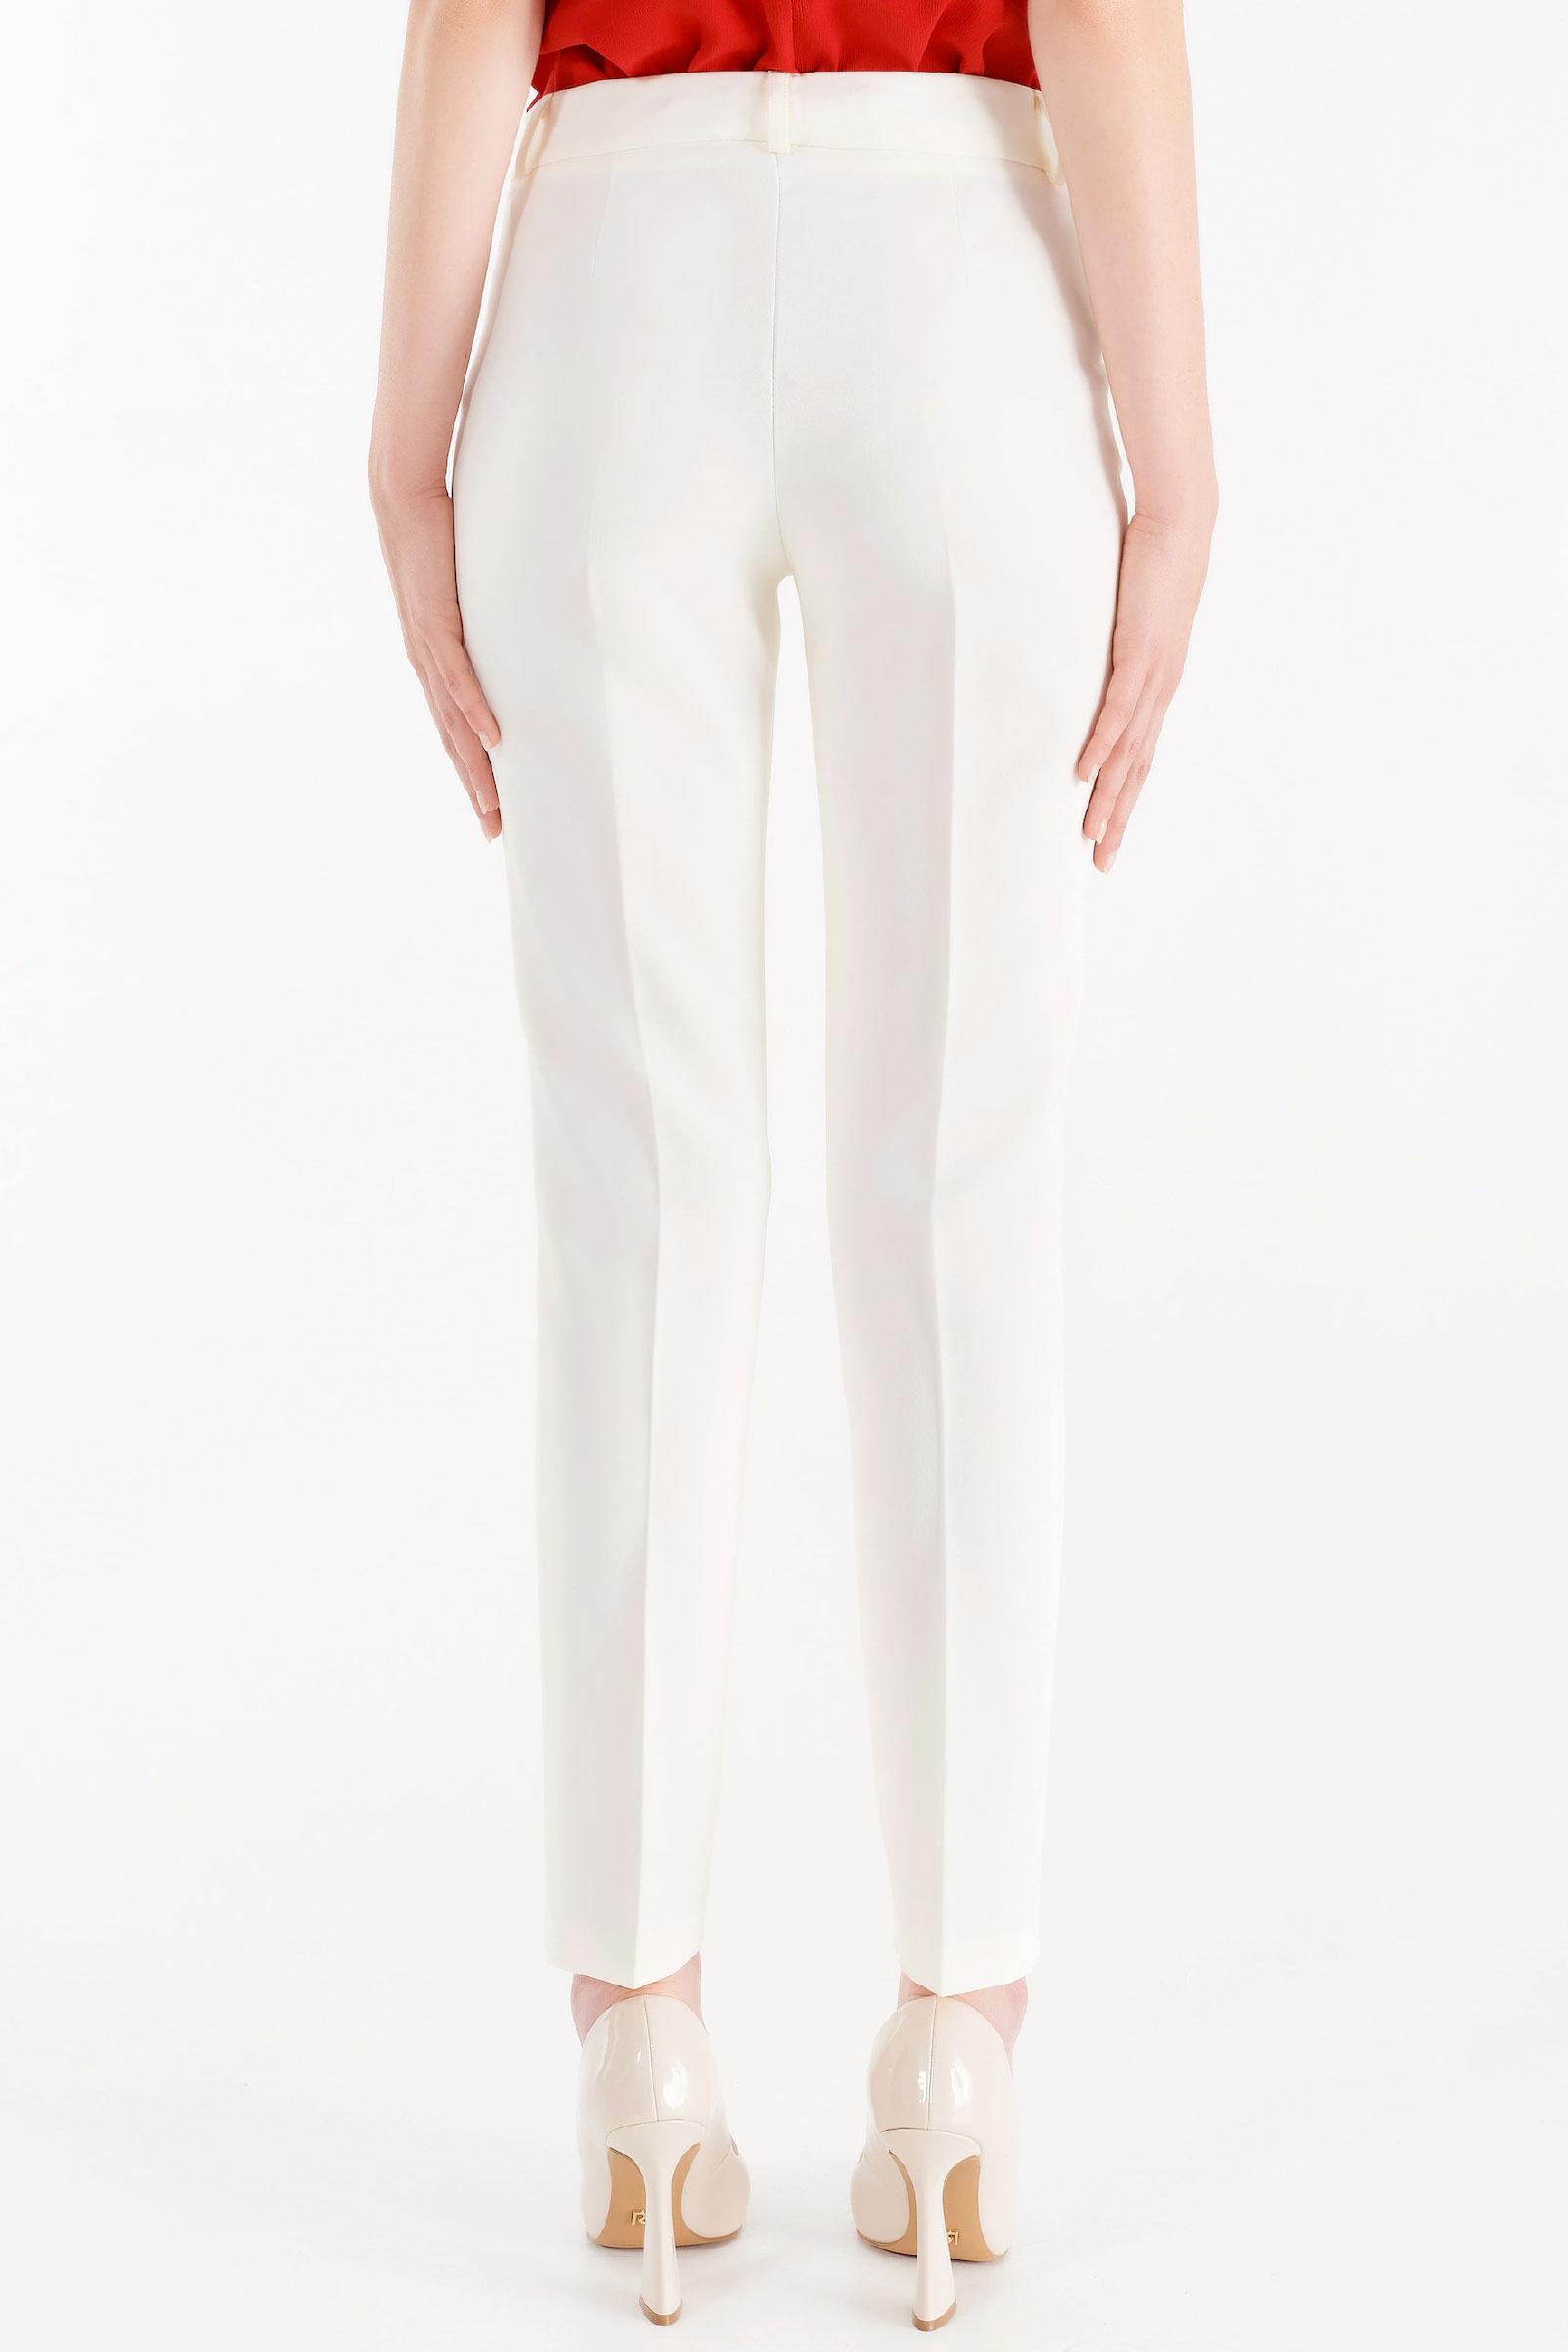 Pantalone Donna RINASCIMENTO | Pantalone | CFC0105038003B021